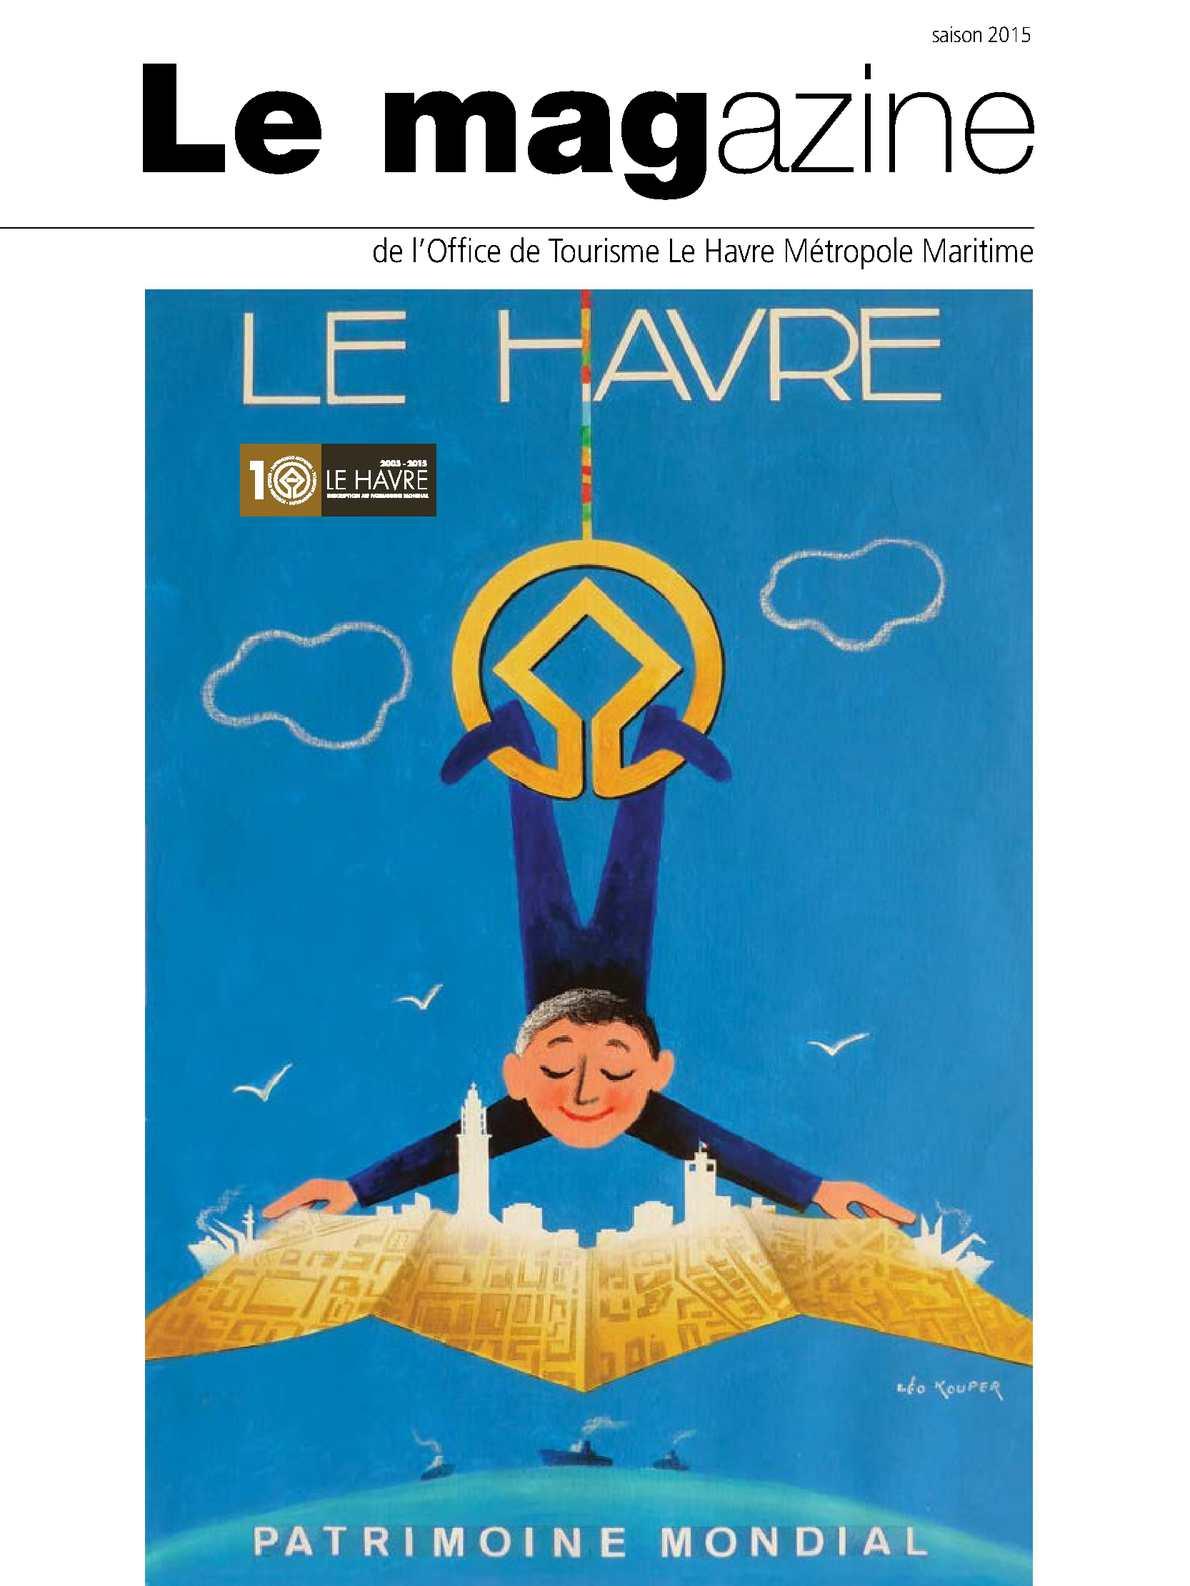 Calam o le magazine saison 2015 - Office de tourisme saint michel chef chef ...